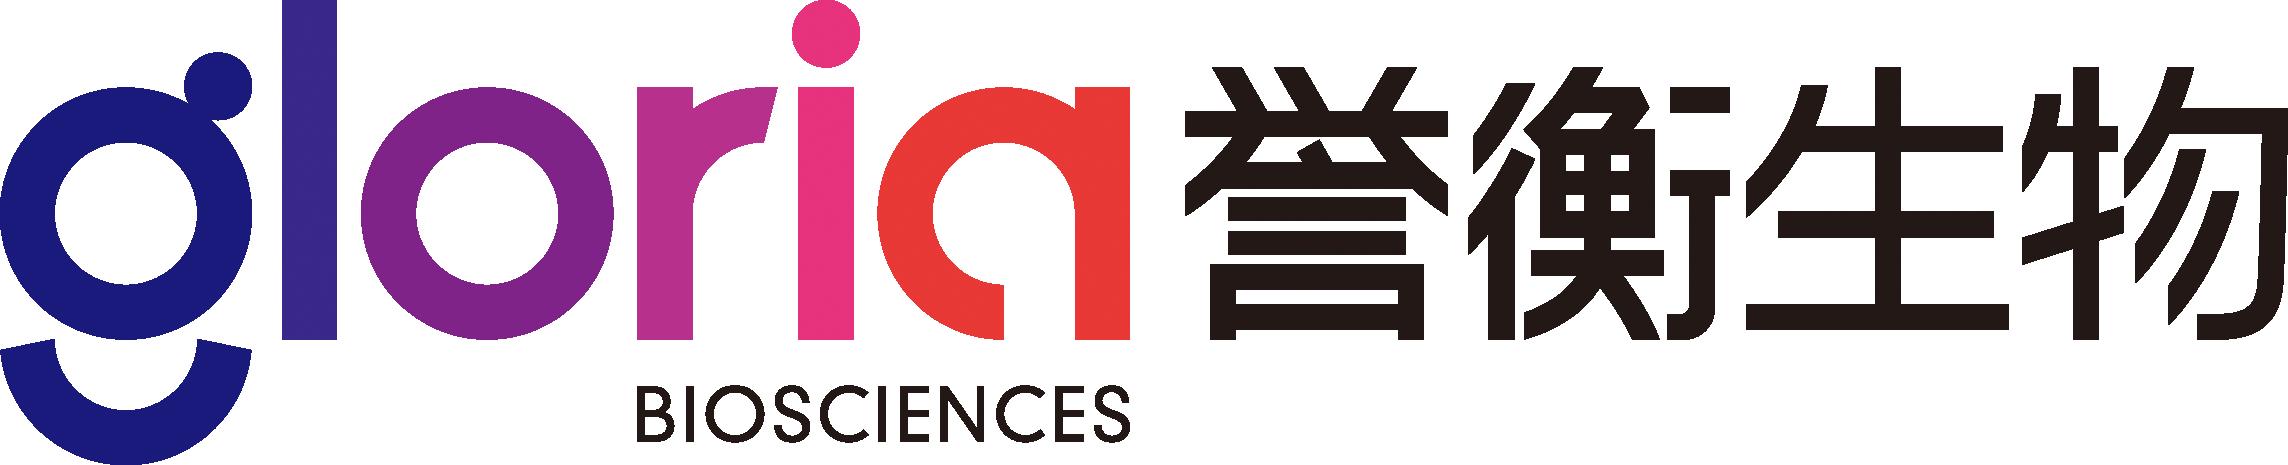 广州誉衡生物科技有限公司上海分公司